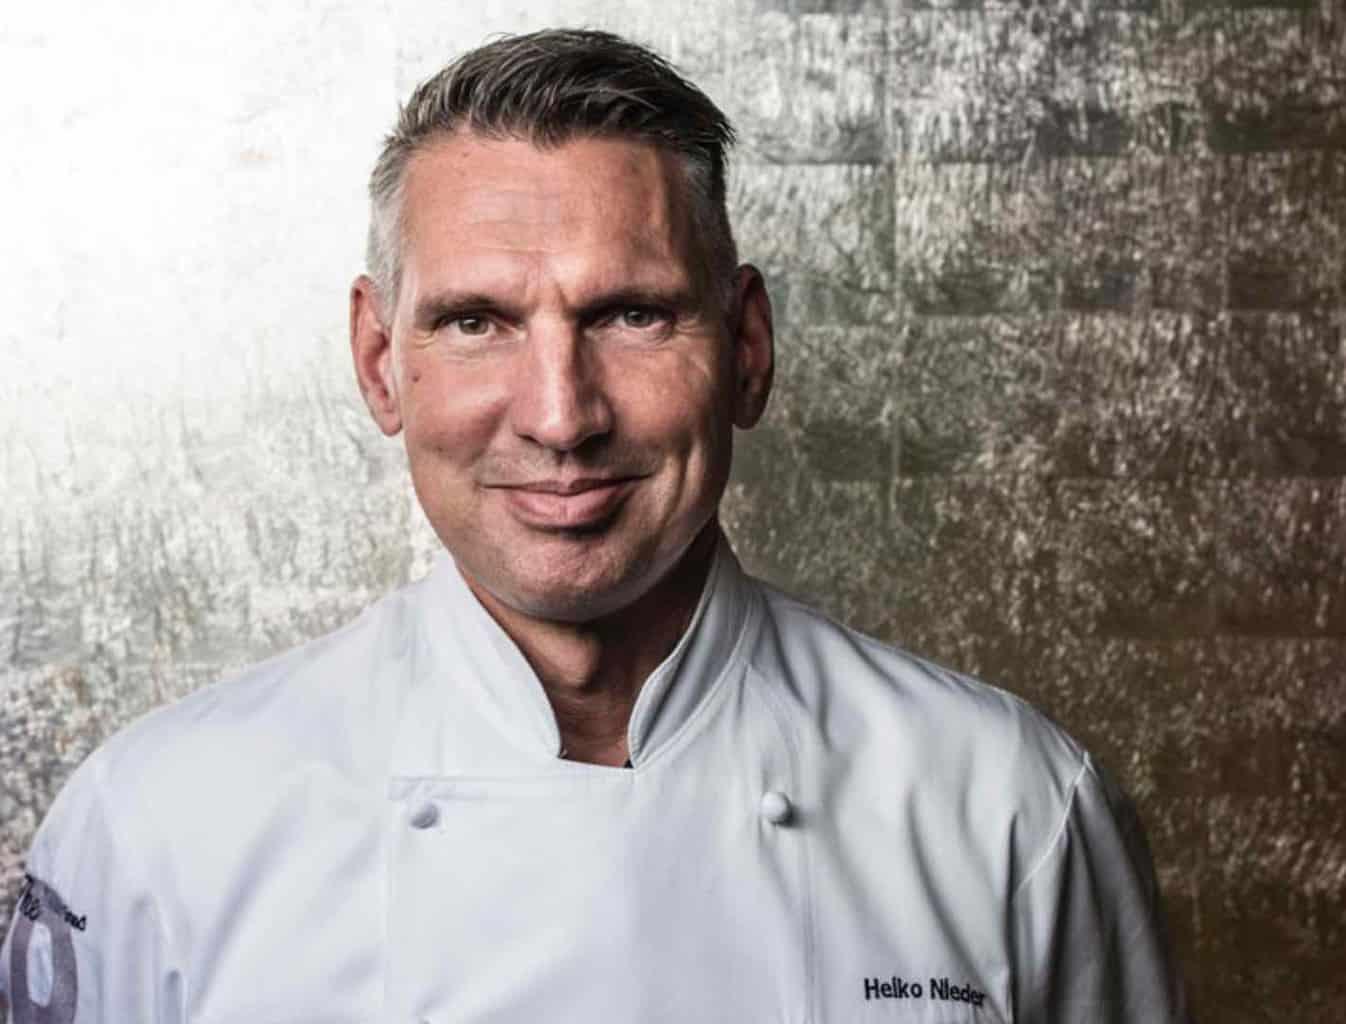 Michelin starred chef Heiko Nieder